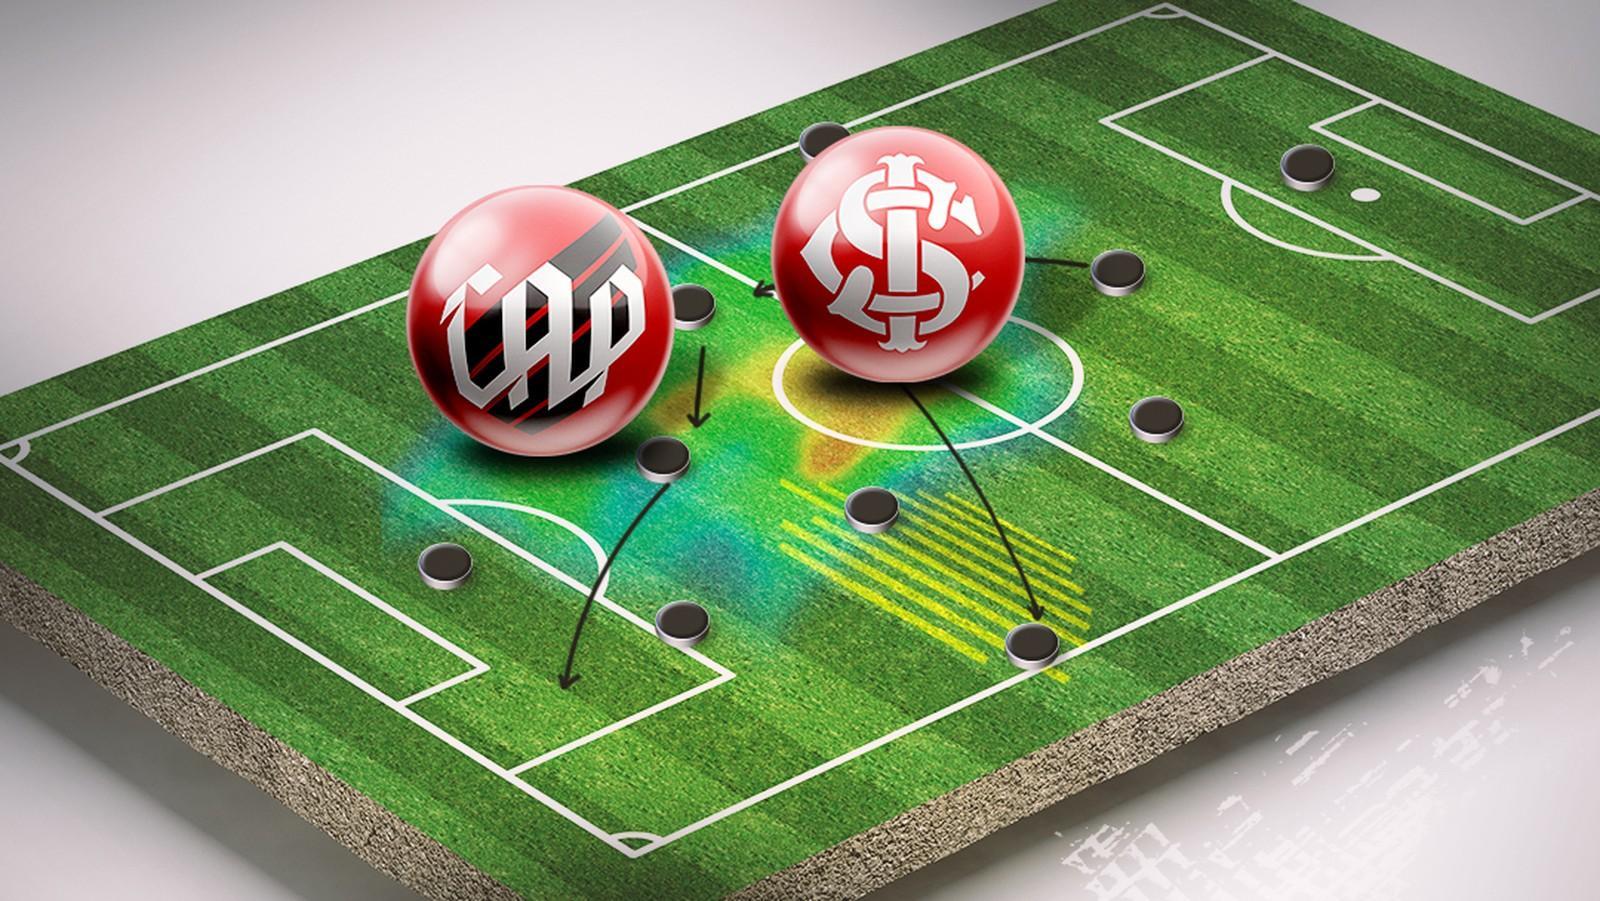 Os passos rumo ao título: o que Athletico e Internacional precisam fazer para levar a Copa do Brasil